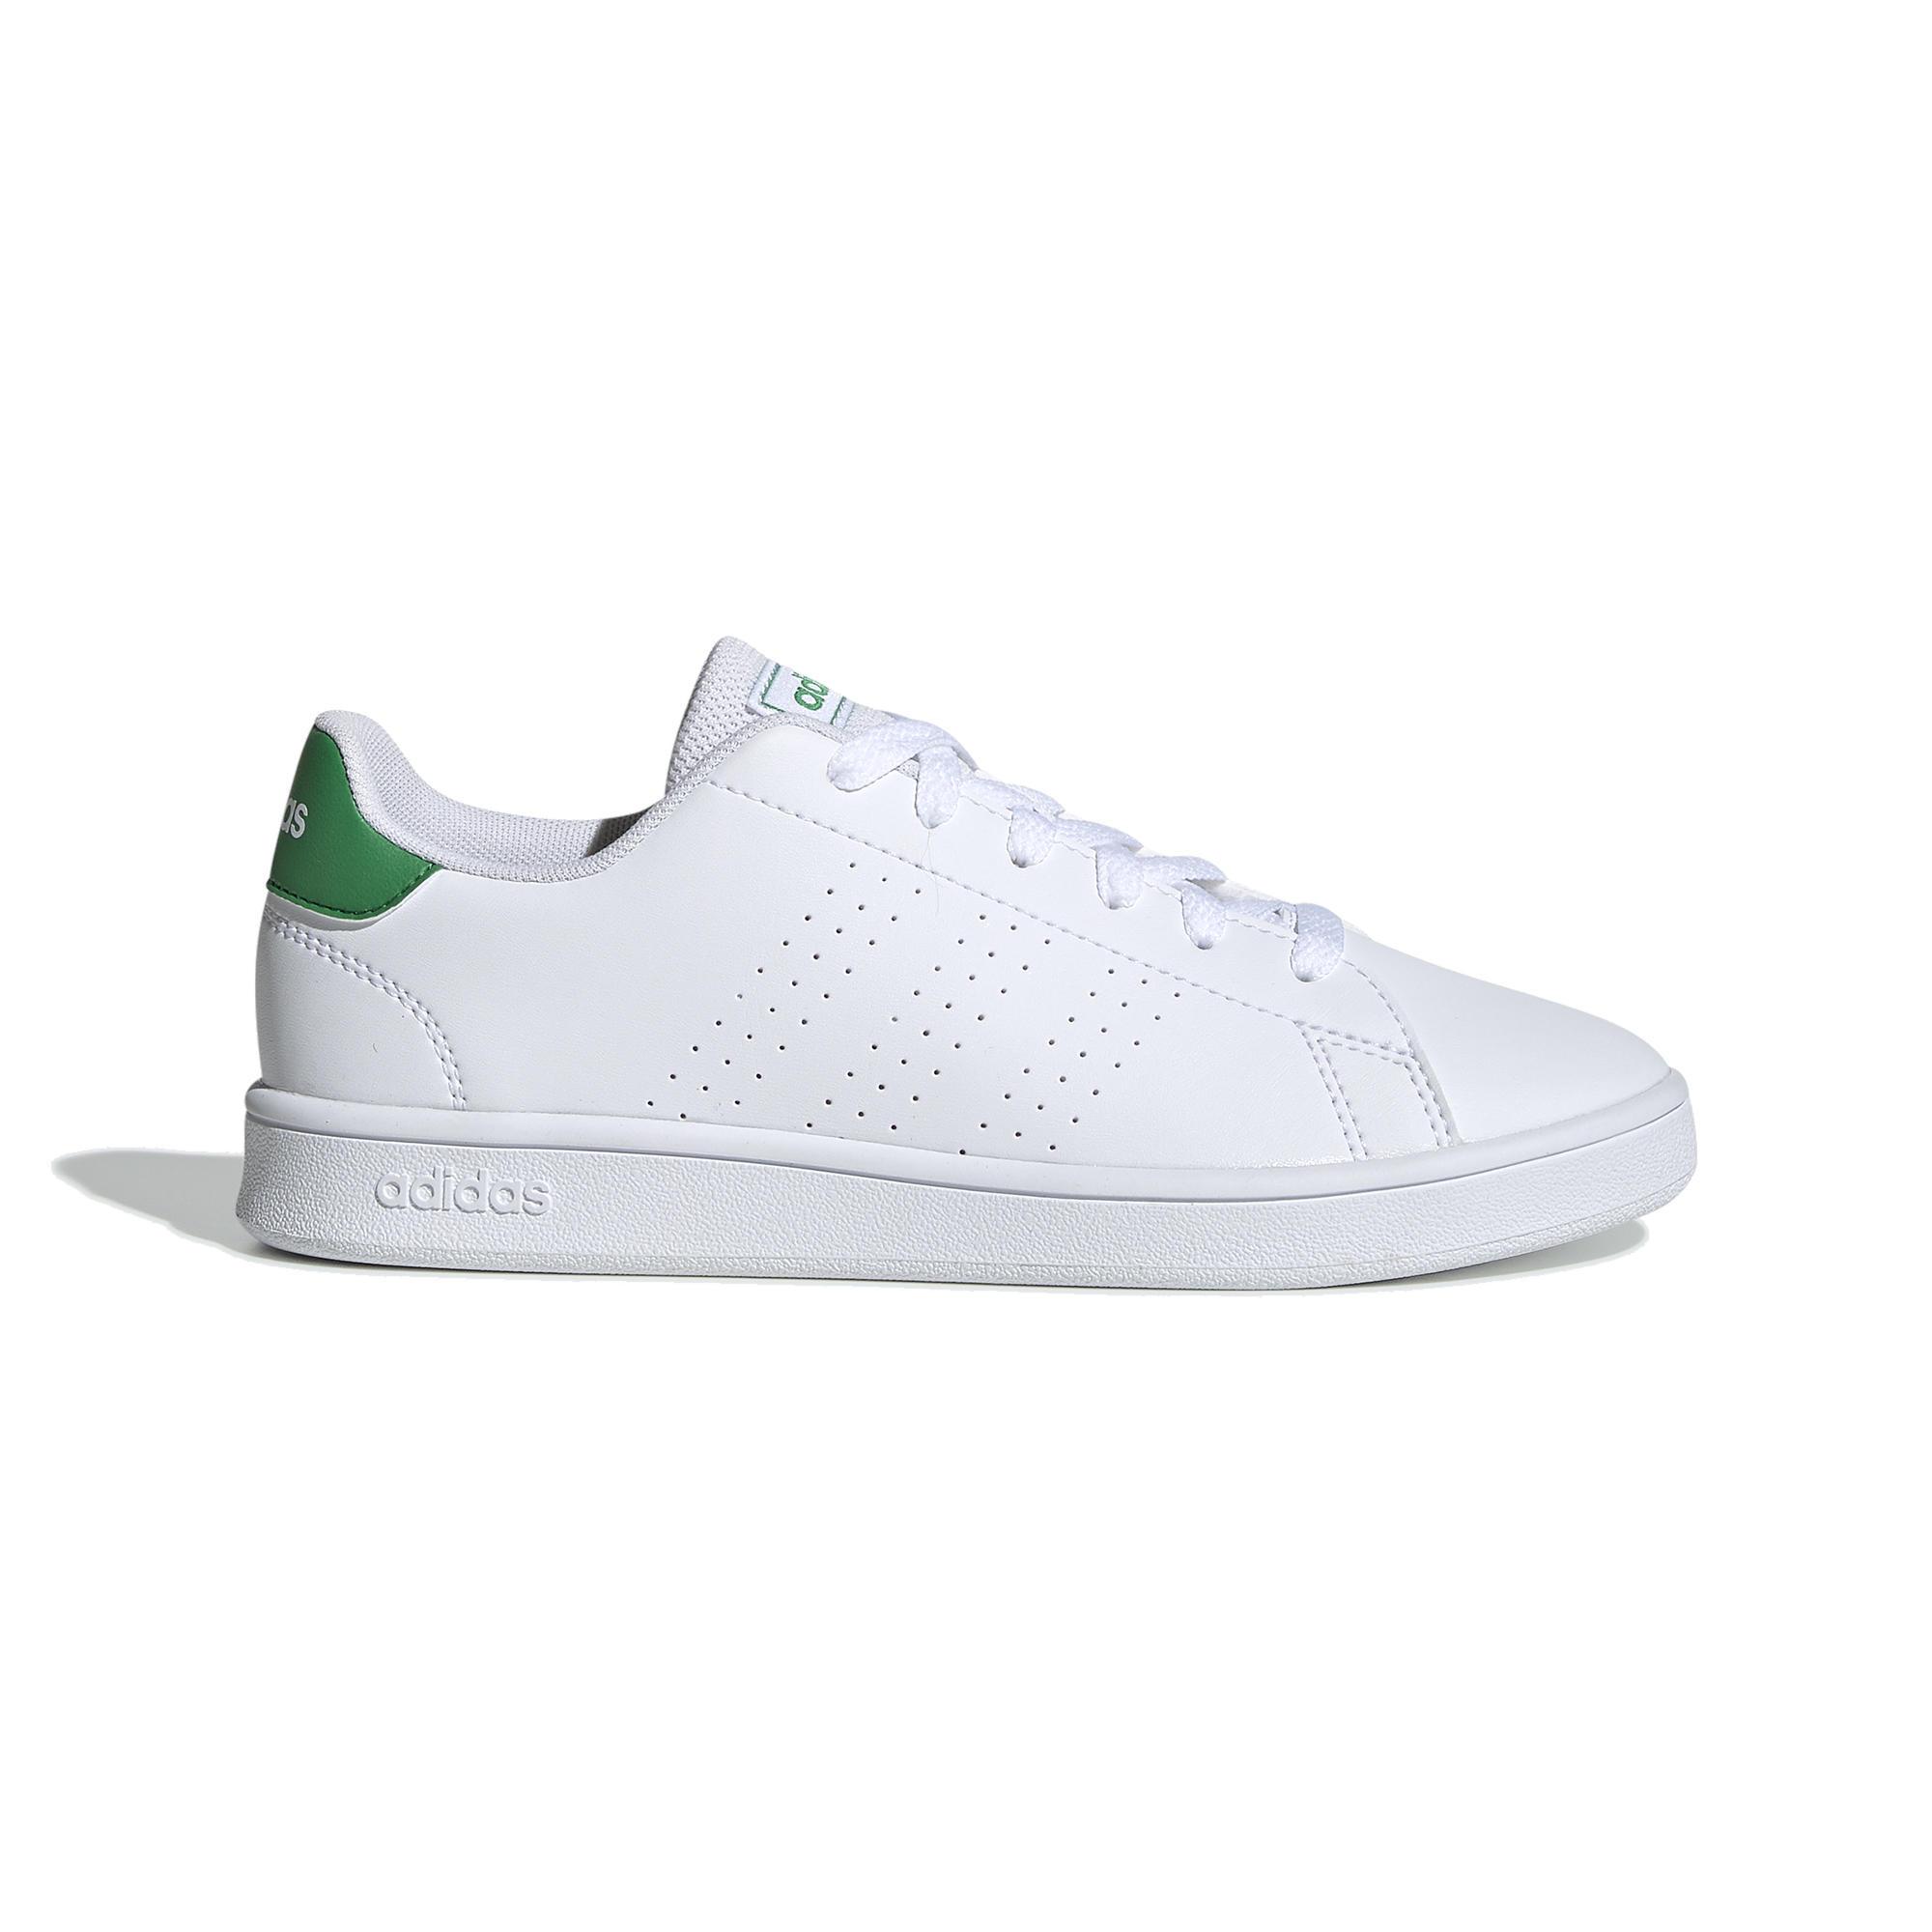 inyectar Cuña cisne  adidas advantage decathlon - Tienda Online de Zapatos, Ropa y Complementos  de marca